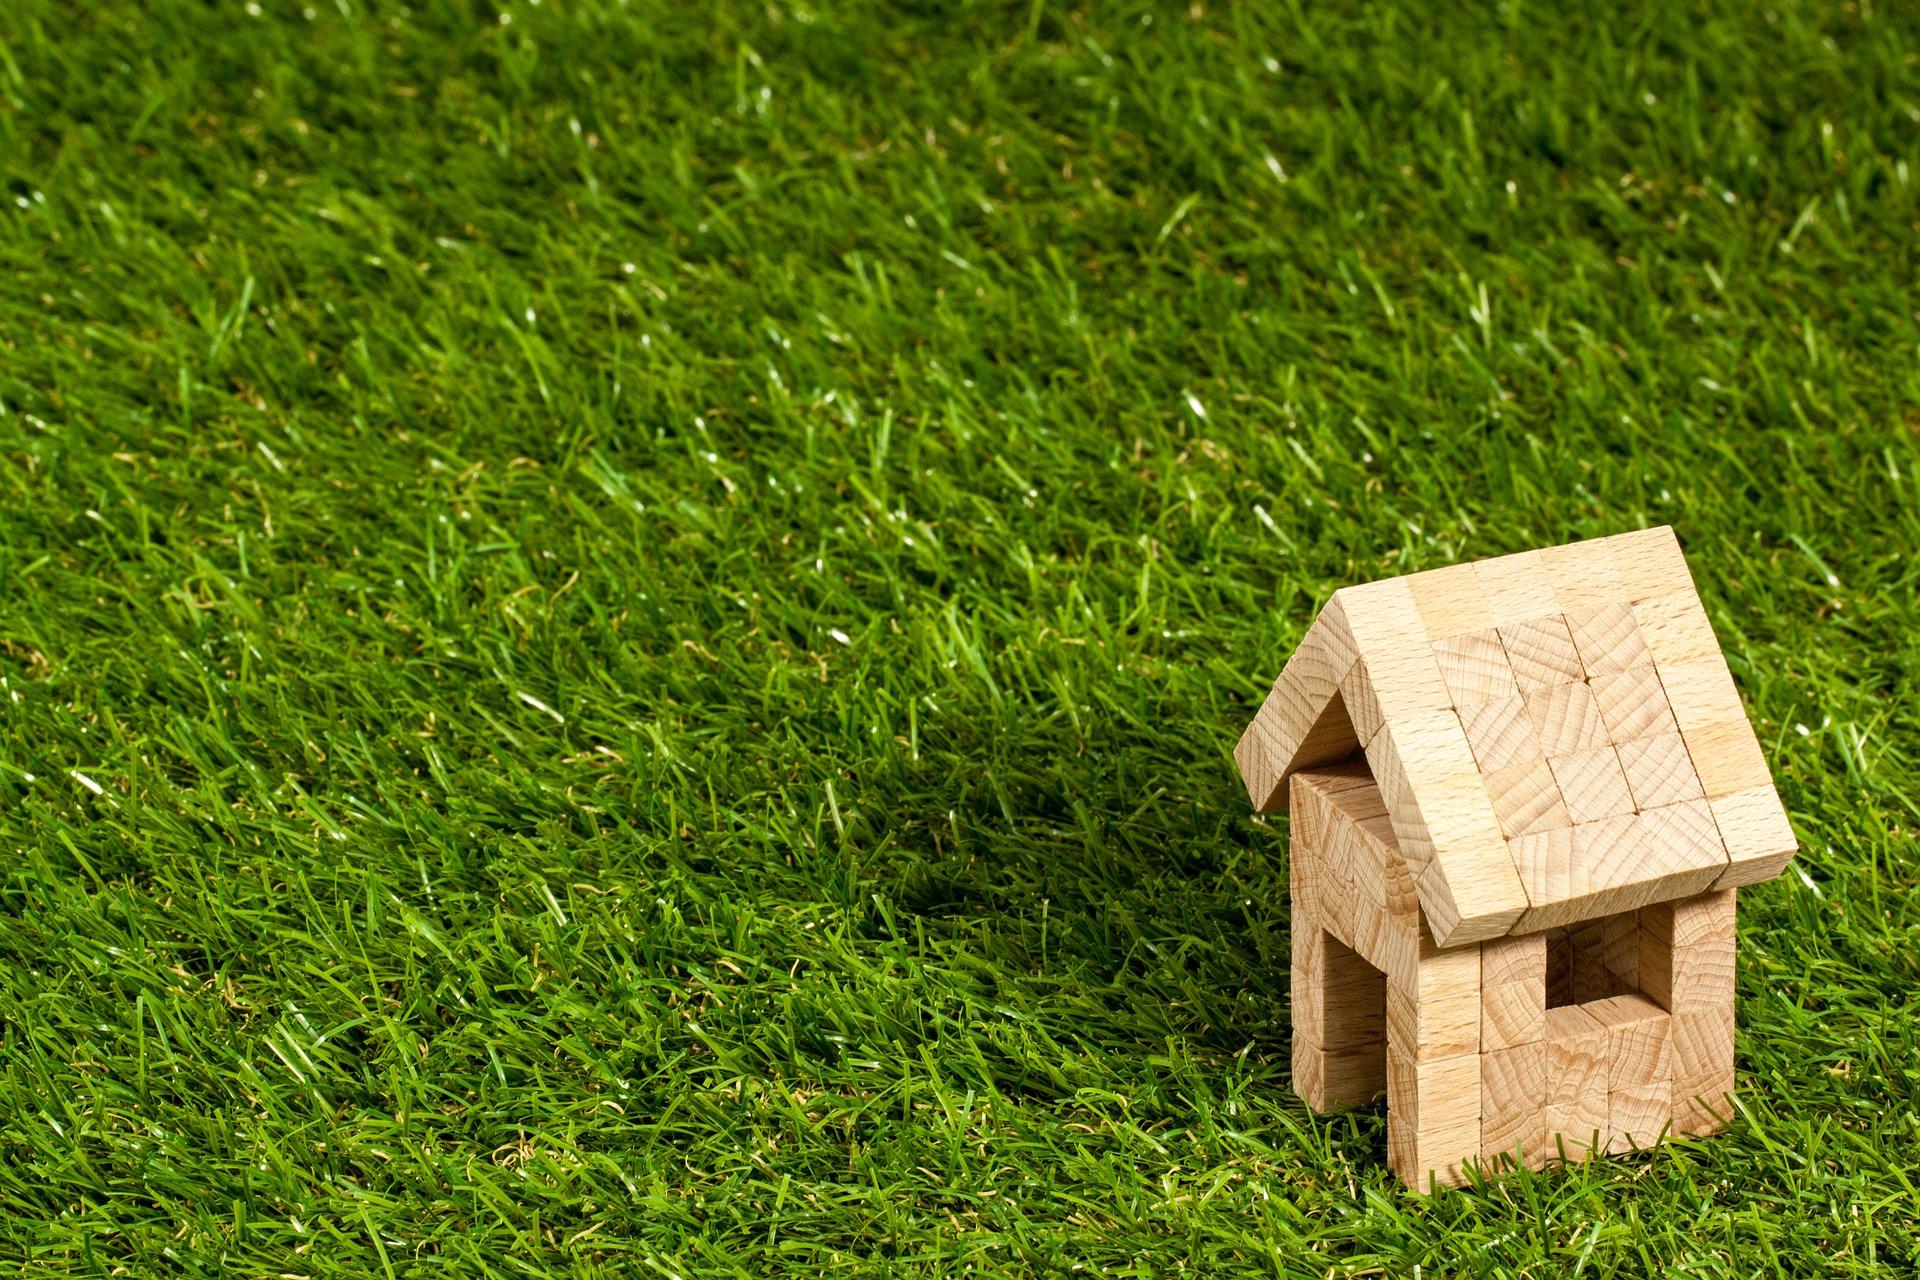 Telematik-Prinzip bald auch für Hausratversicherungen?